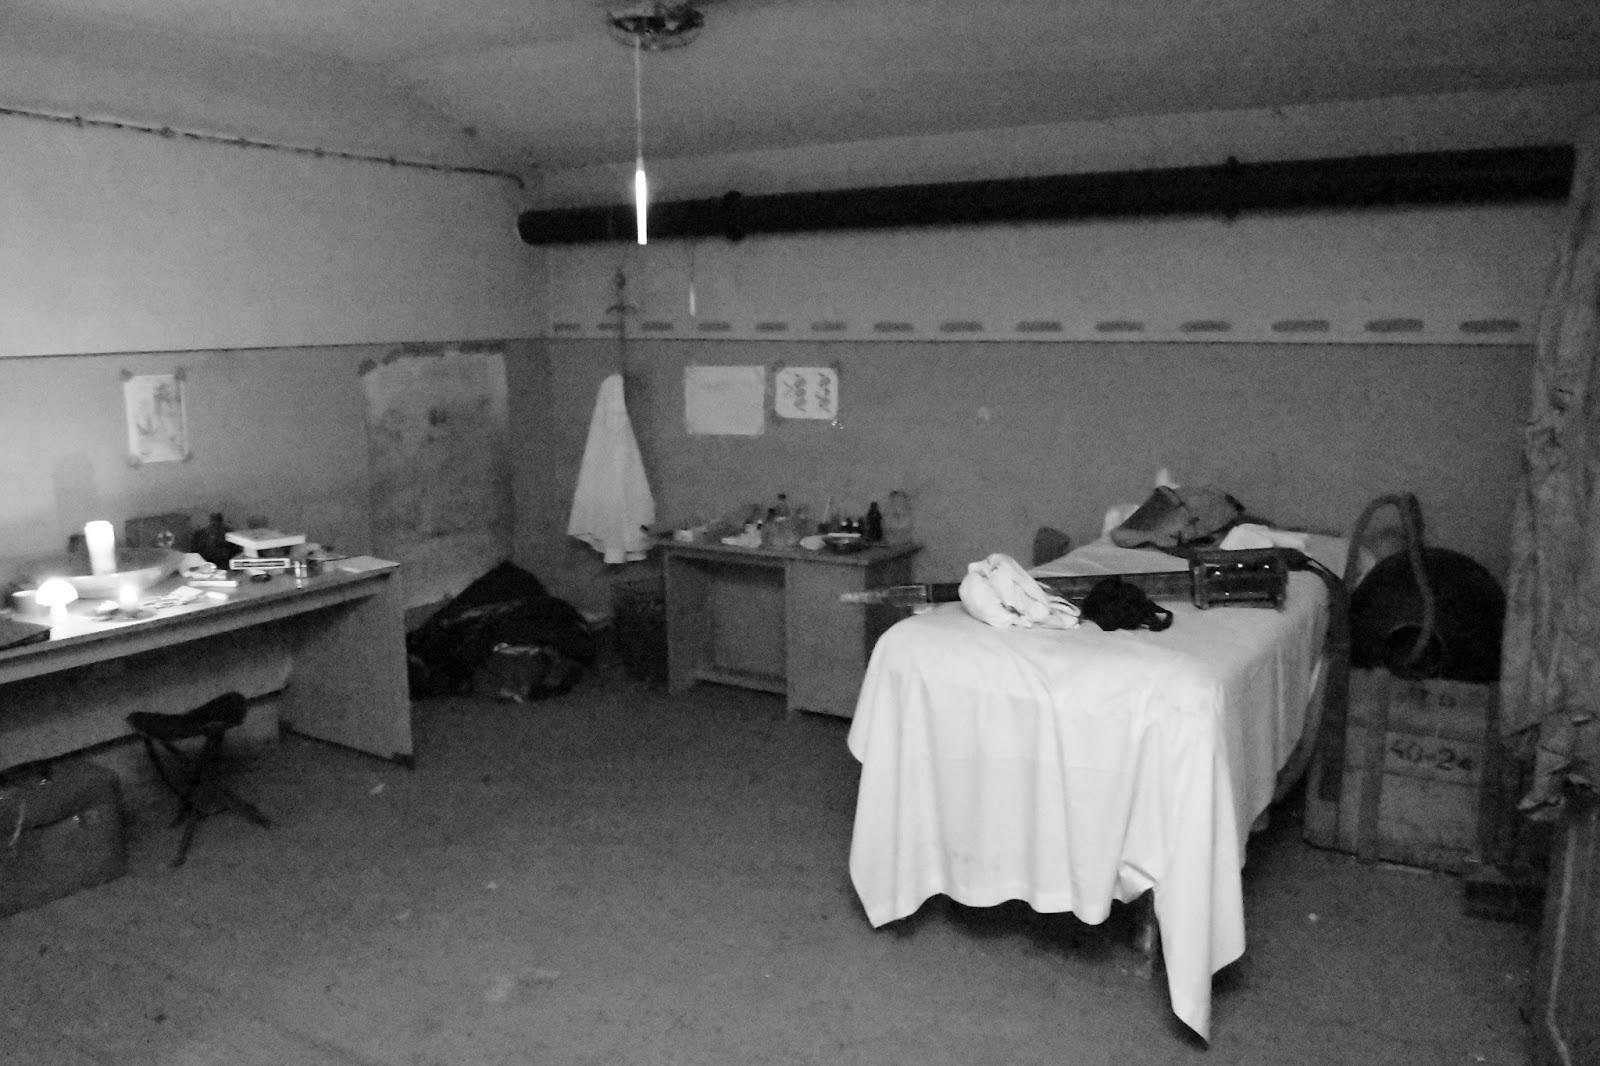 Laboratorium v bunkri